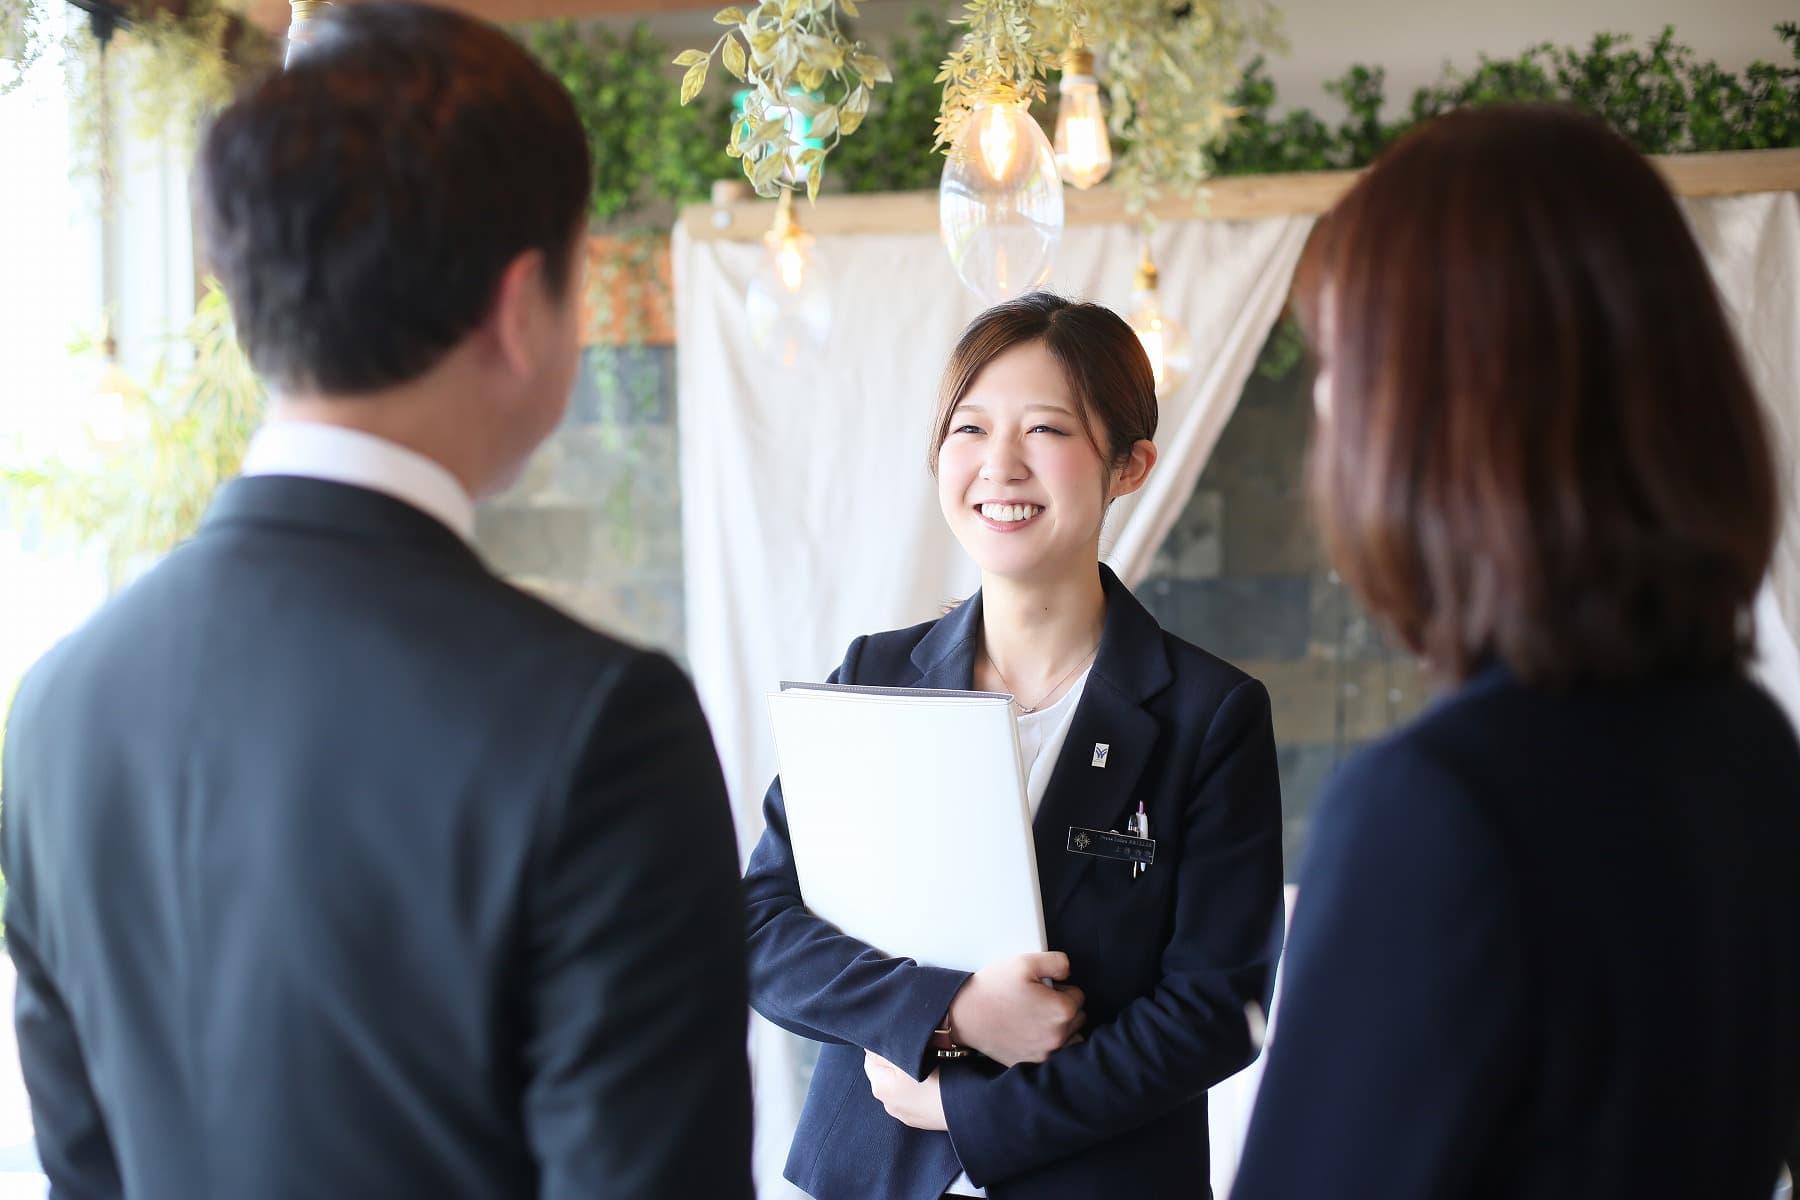 高松市の小さな結婚式相談所マリマリコンシェルジュのスタッフが式場をご案内